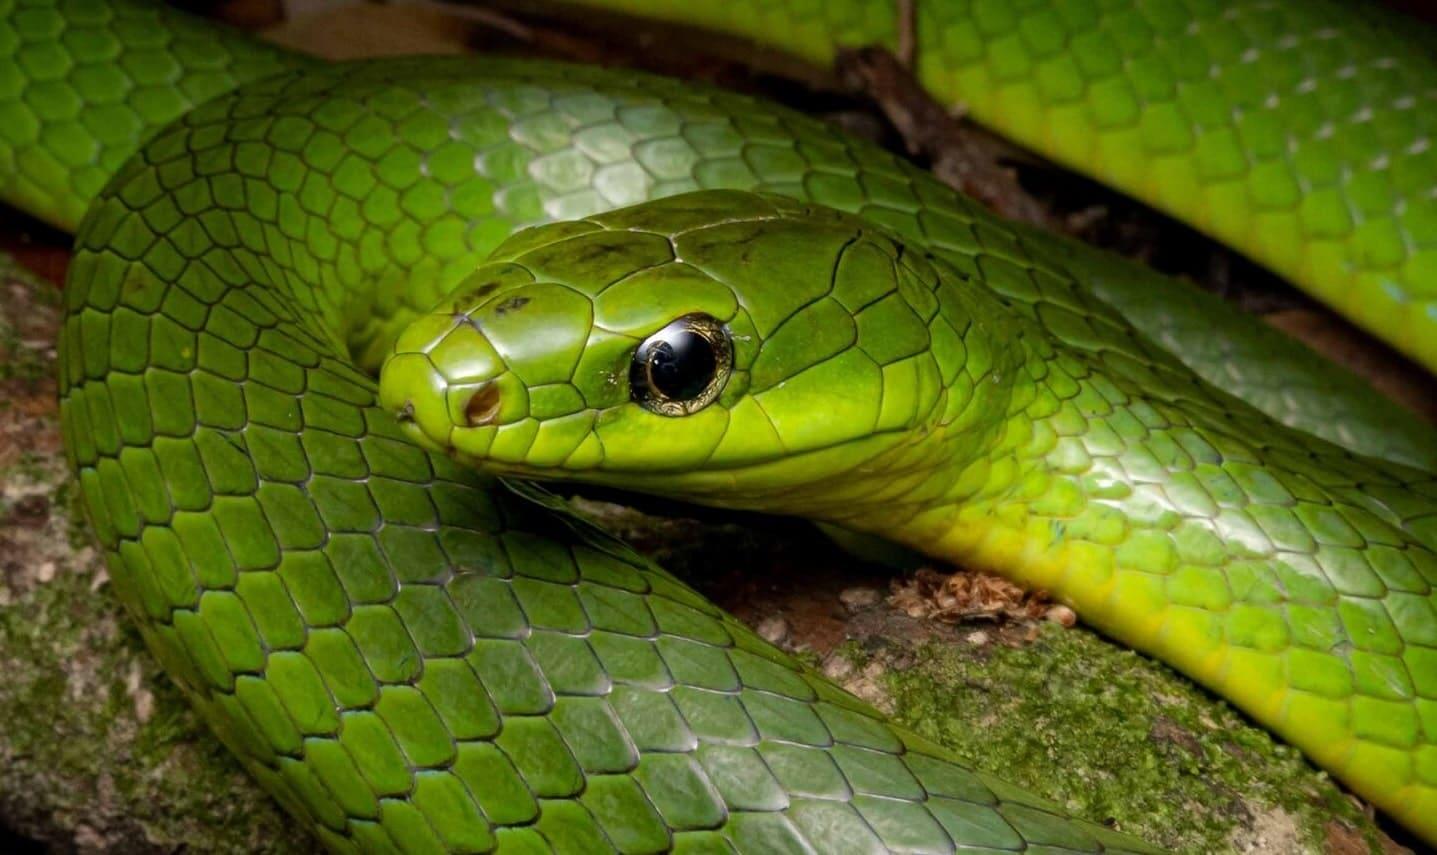 Les serpents peuvent-ils entendre ?